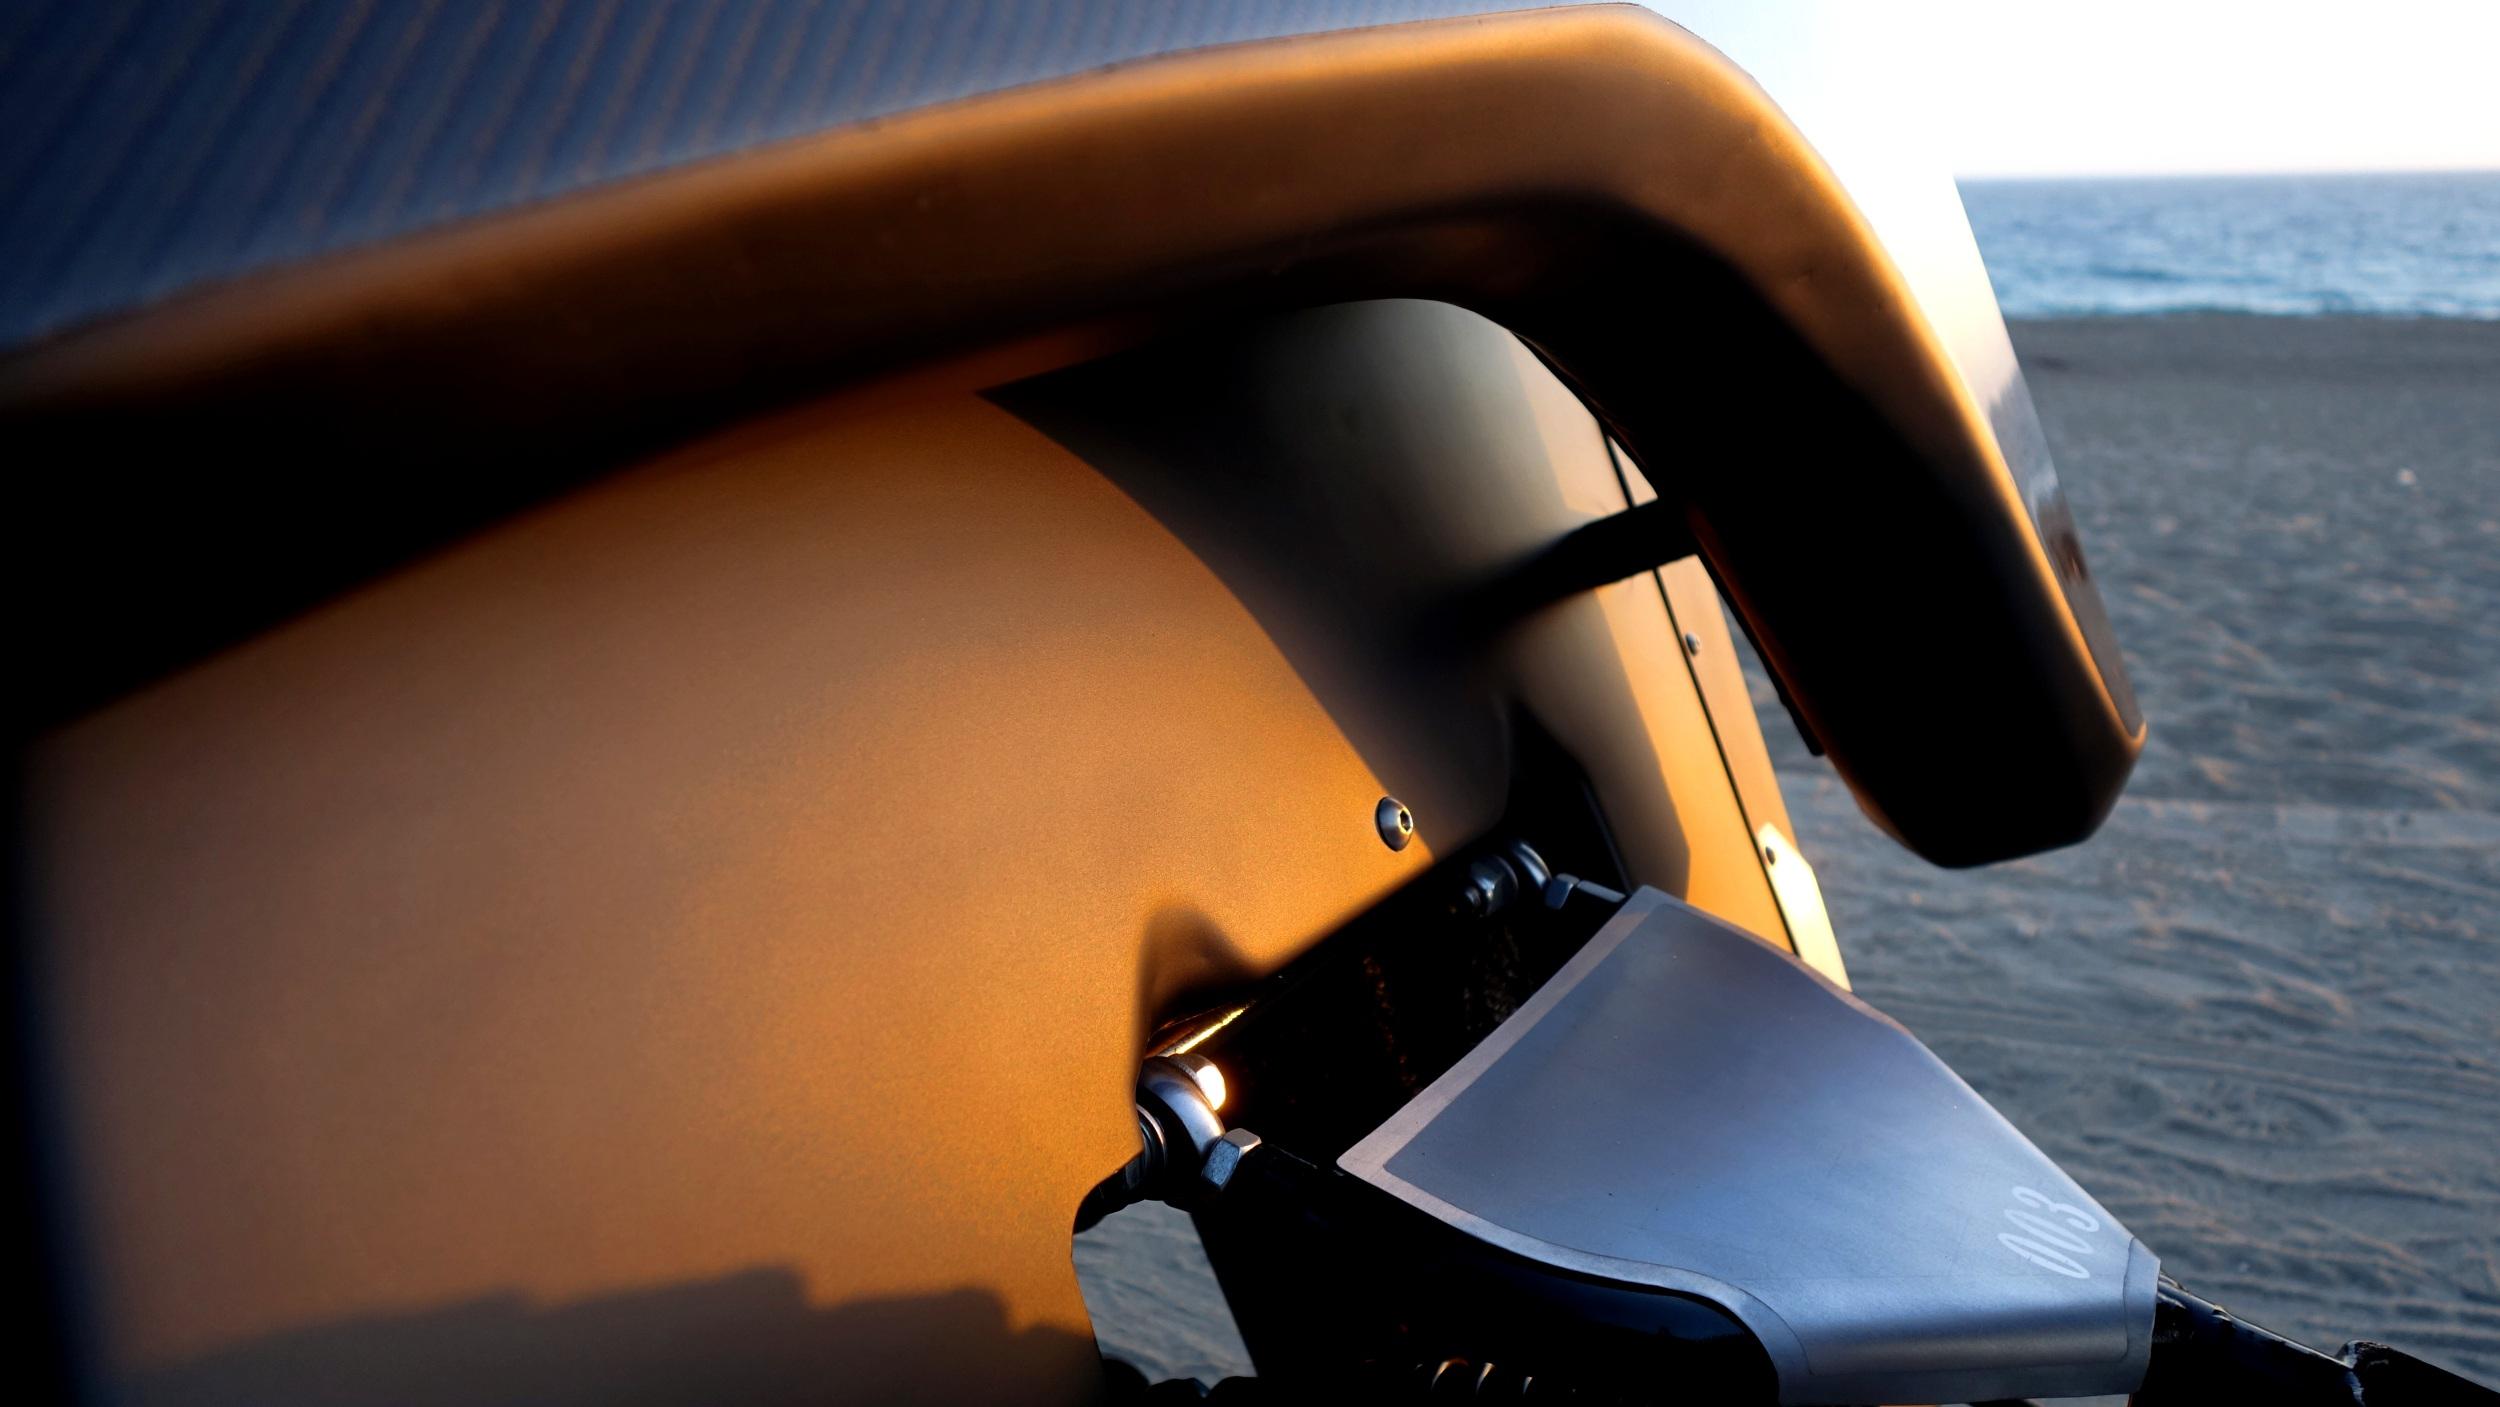 Garmr - Air Intake Close Up - Sunset - Sunset Beach - 2500px - V1.jpg